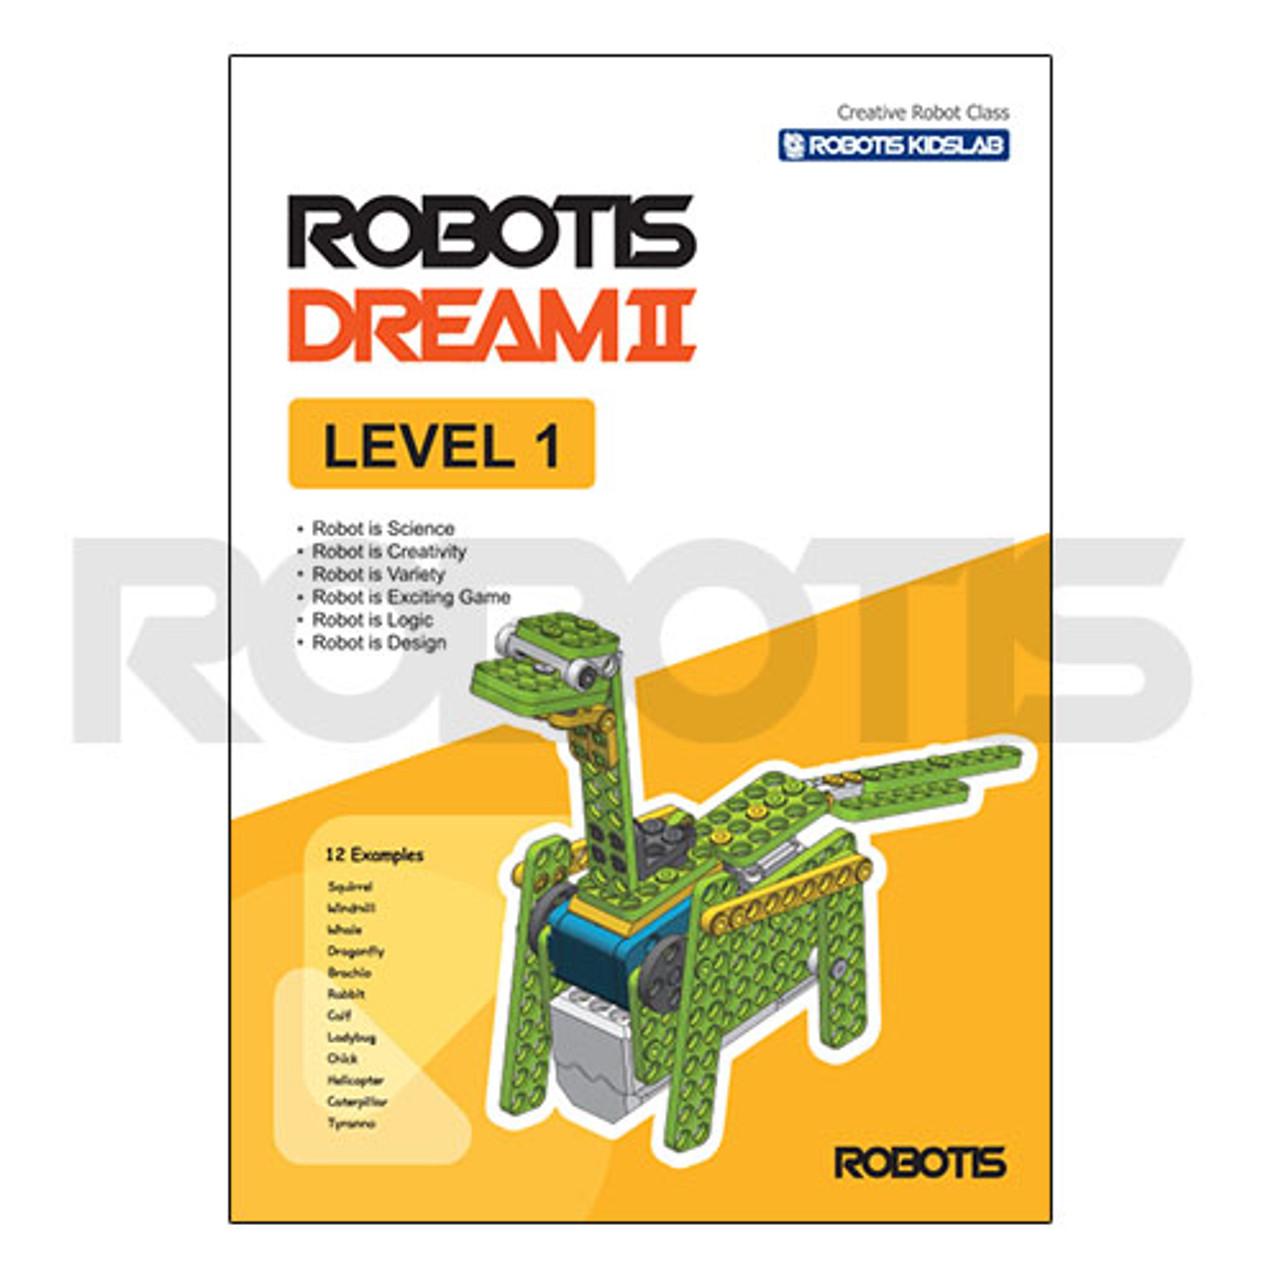 ROBOTIS DREAM II Level 1 Workbook [EN]